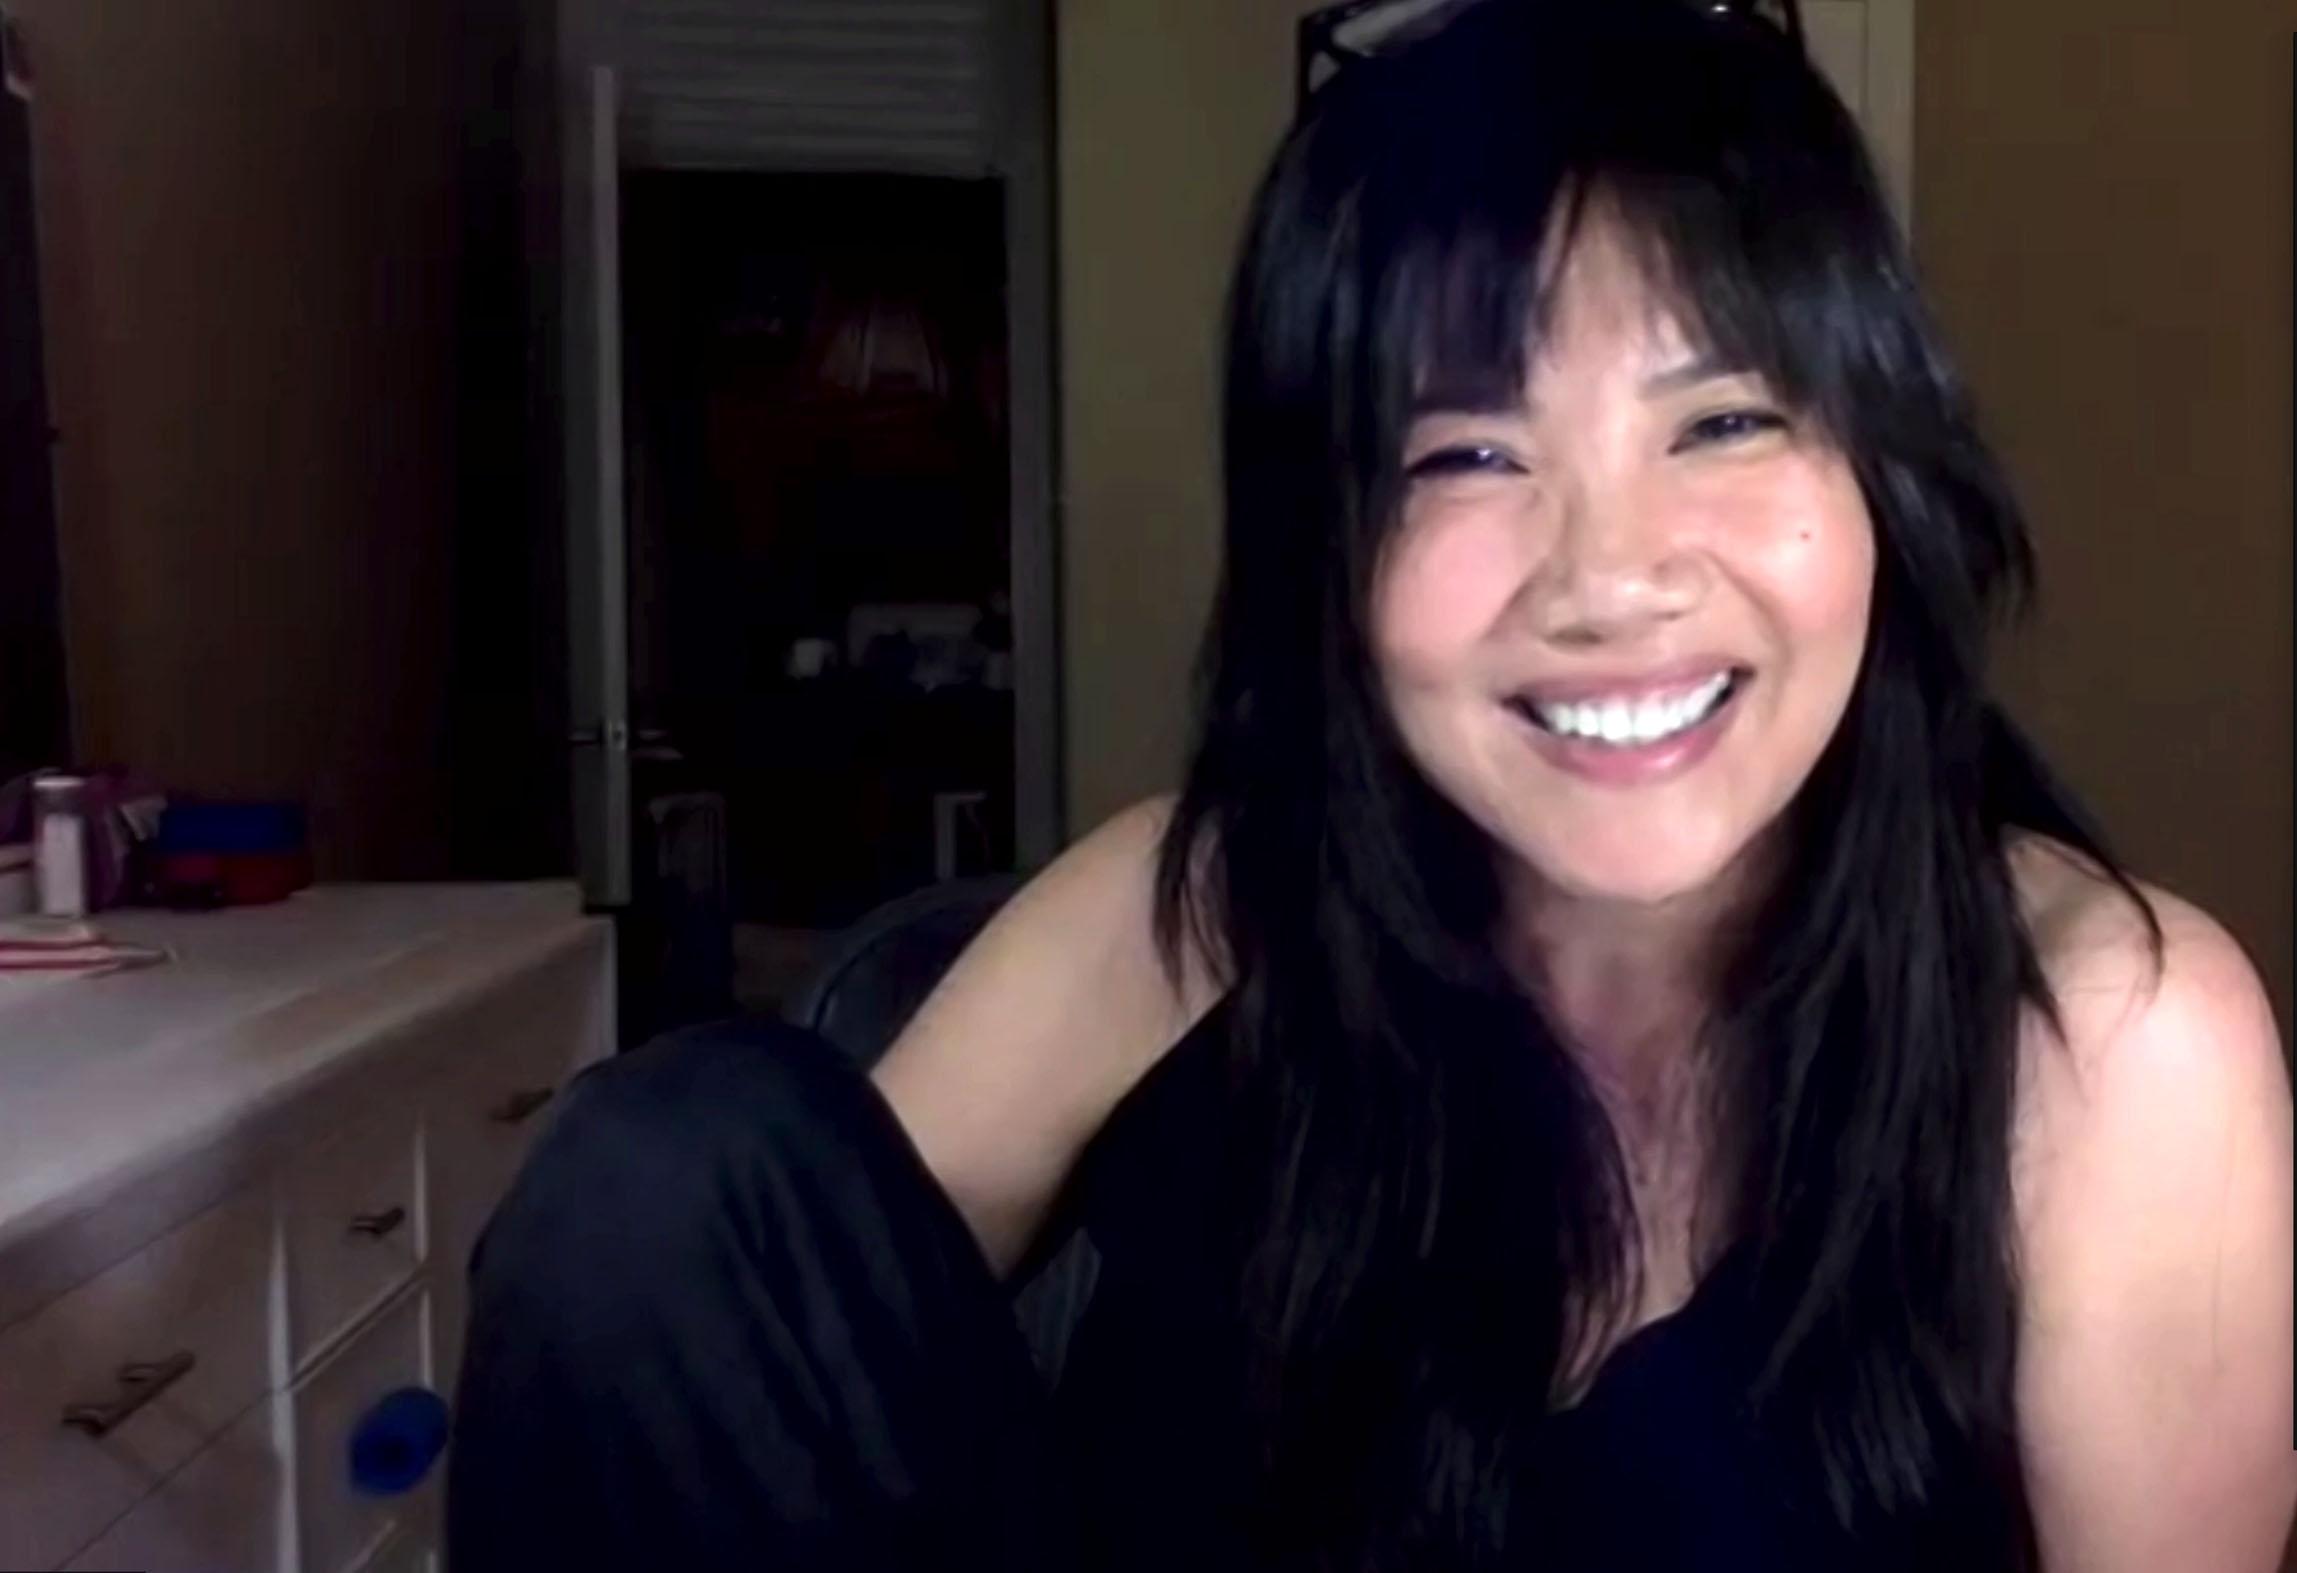 Emy Coligado (Piama) lors des retrouvailles en ligne pour les 20 ans de la série, le 8 août 2020.